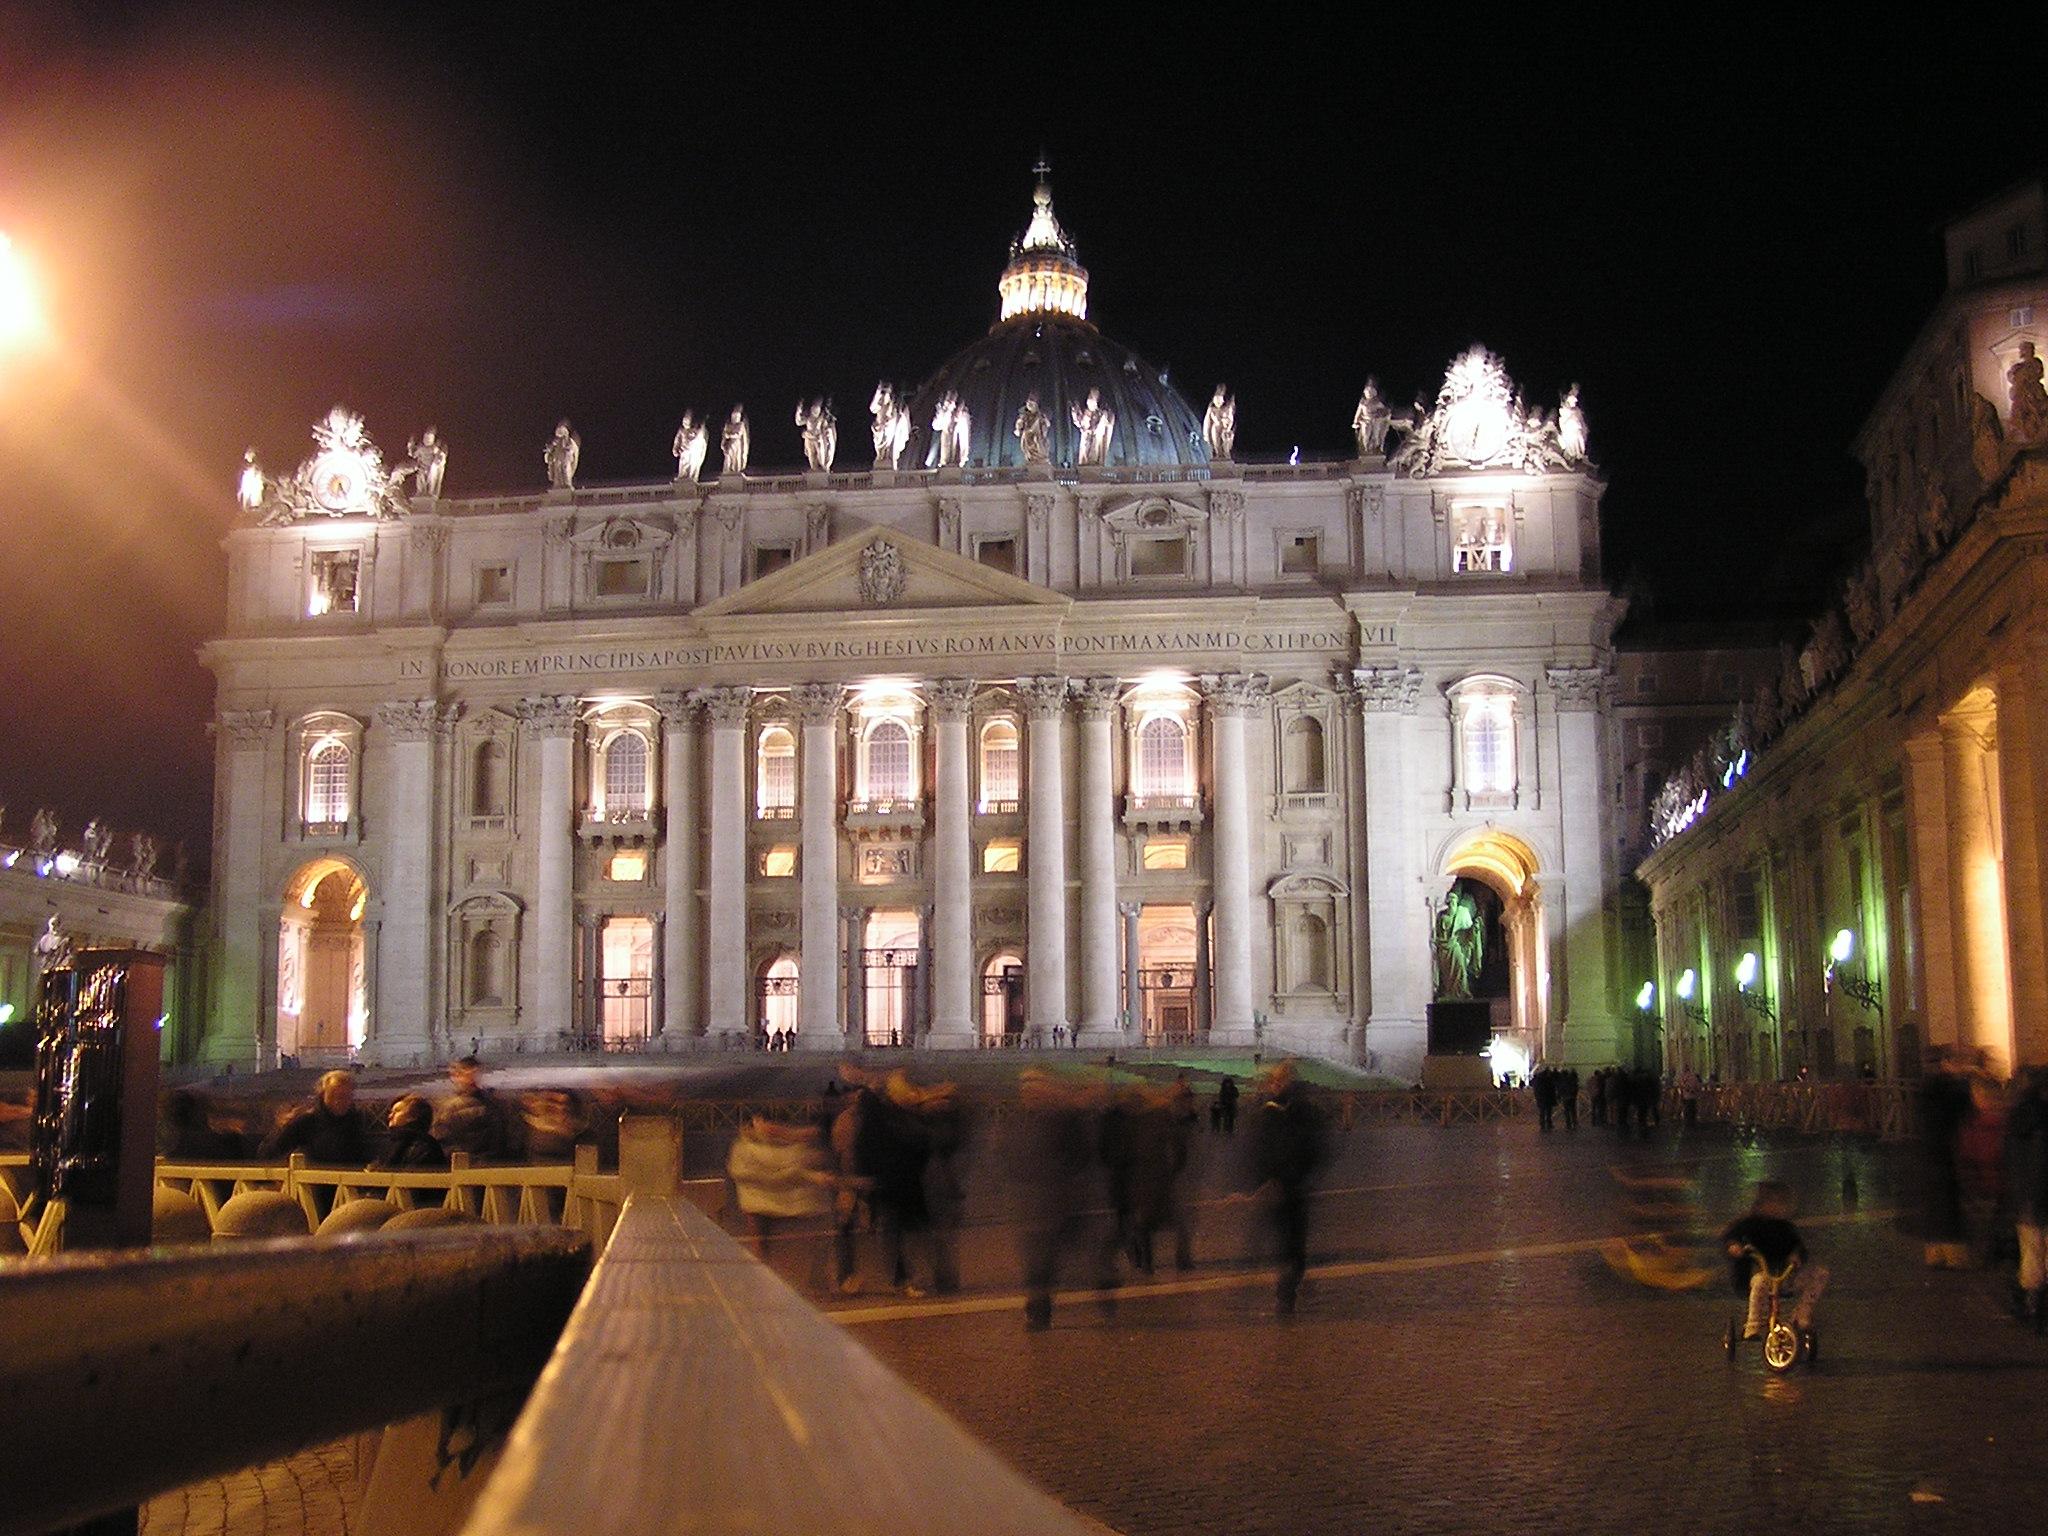 Cathédrale Saint-Pierre - excursion au Vatican